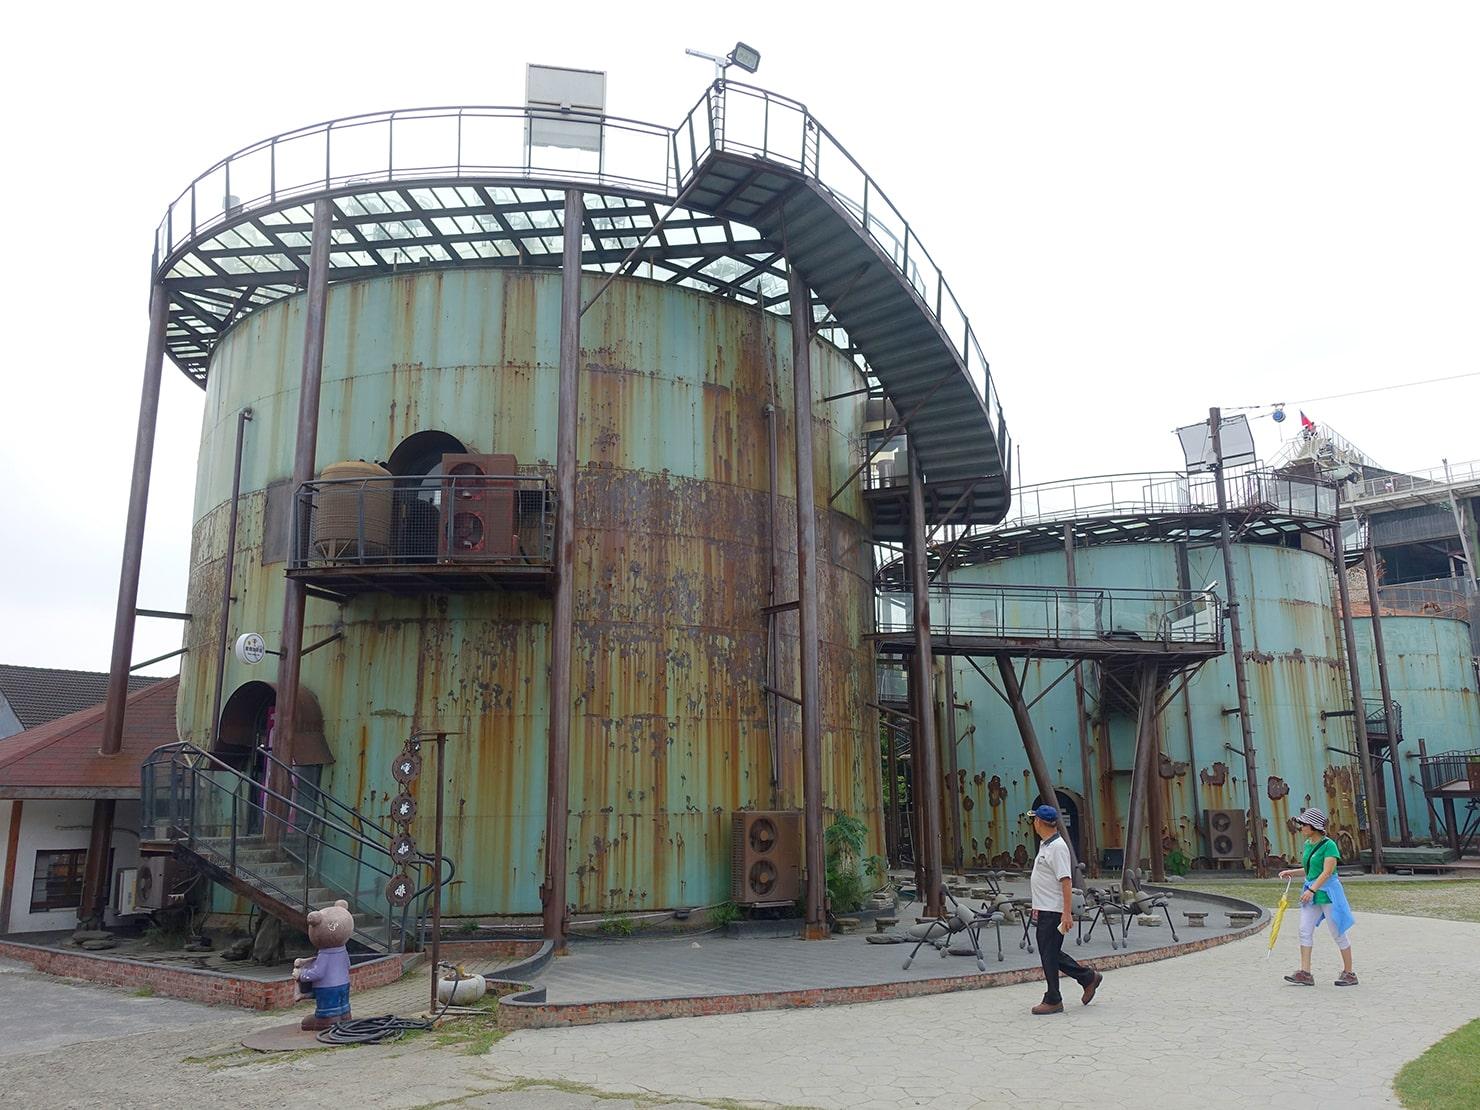 台南市街郊外のおすすめ観光スポット「十鼓仁糖文化園區」のタンク